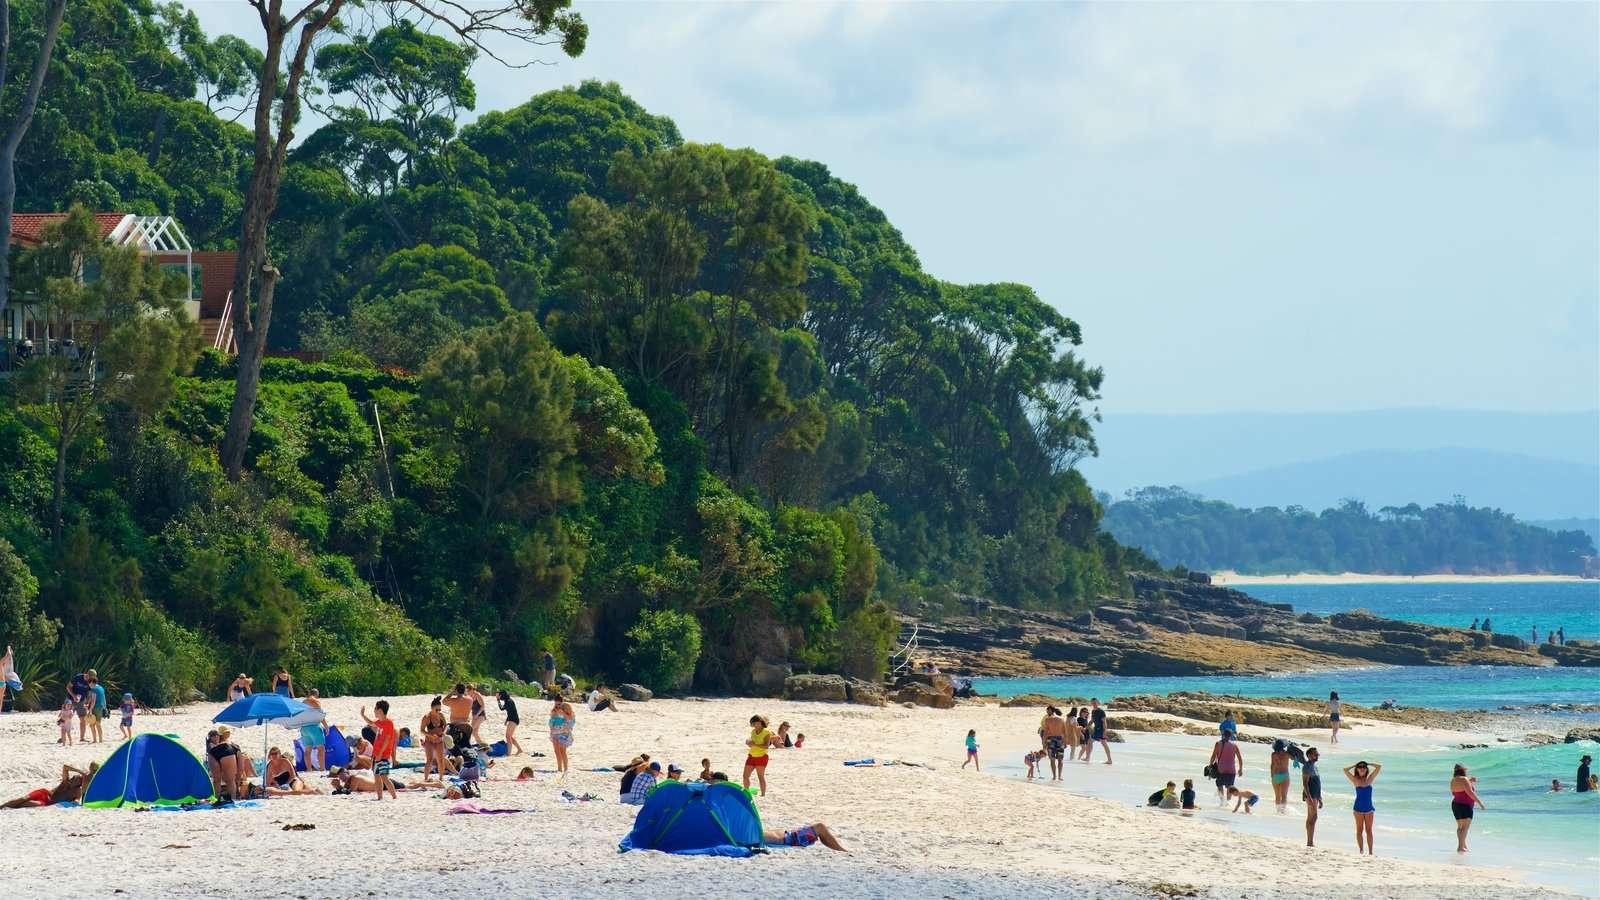 Du khách có thể tắm biển hoặc phơi nắng